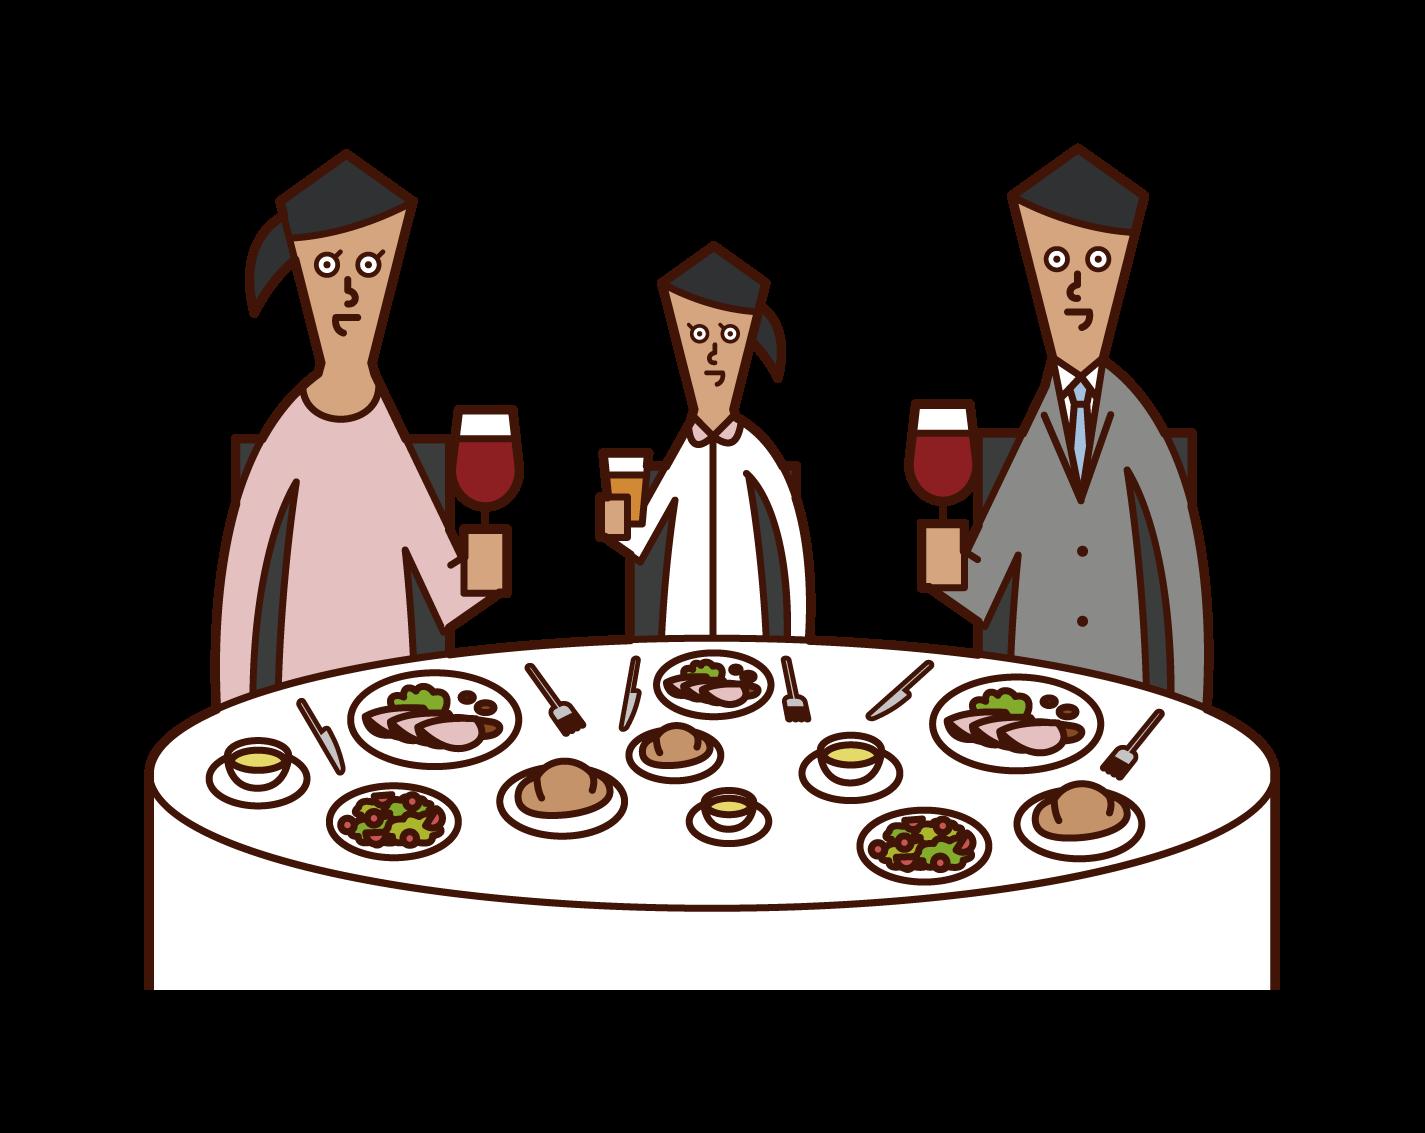 レストランで食事を楽しむ家族のイラスト